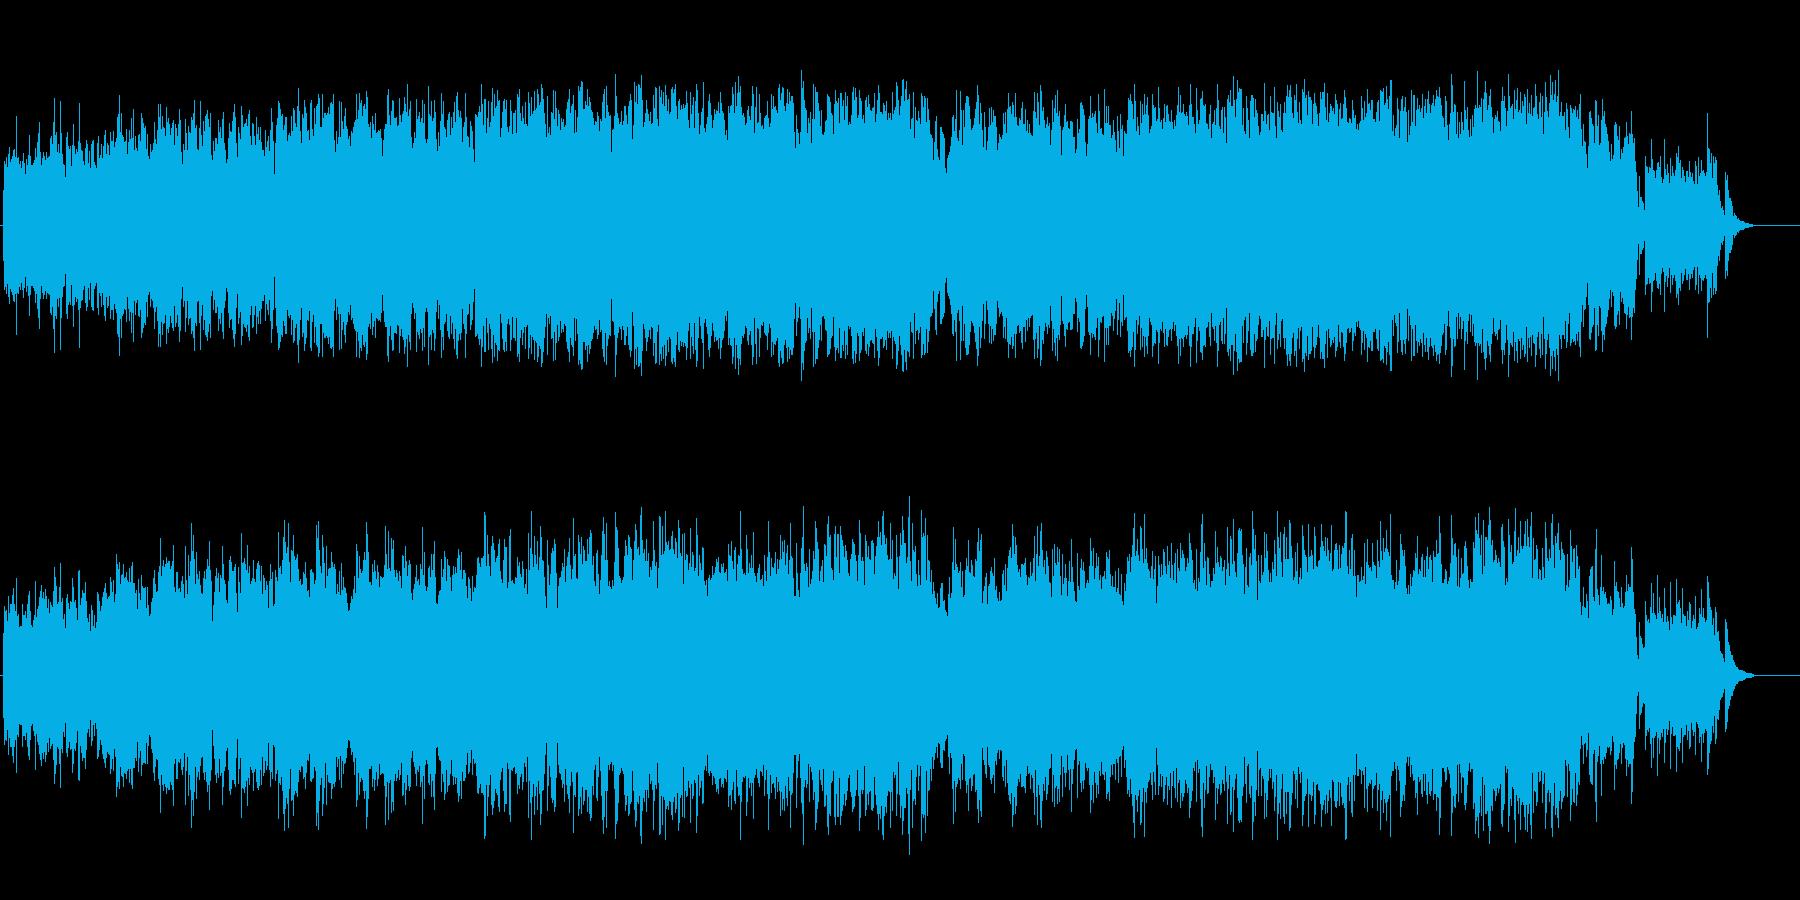 ウェディング風バラード(フルサイズ)の再生済みの波形